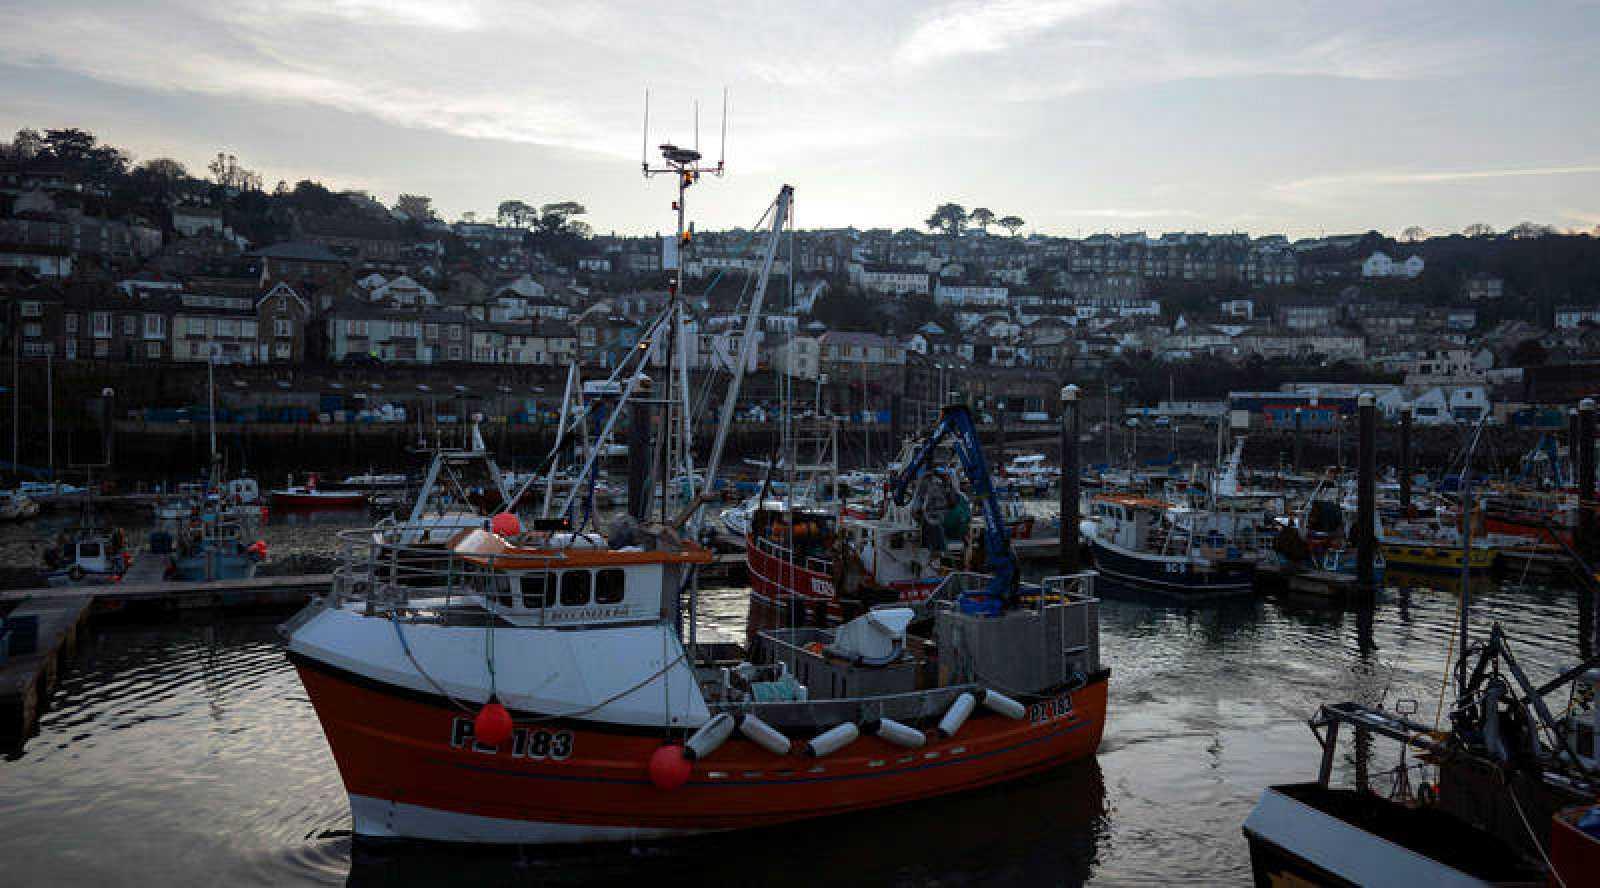 Un barco pesquero atraca en el puerto de Newlyn (Reino Unido)